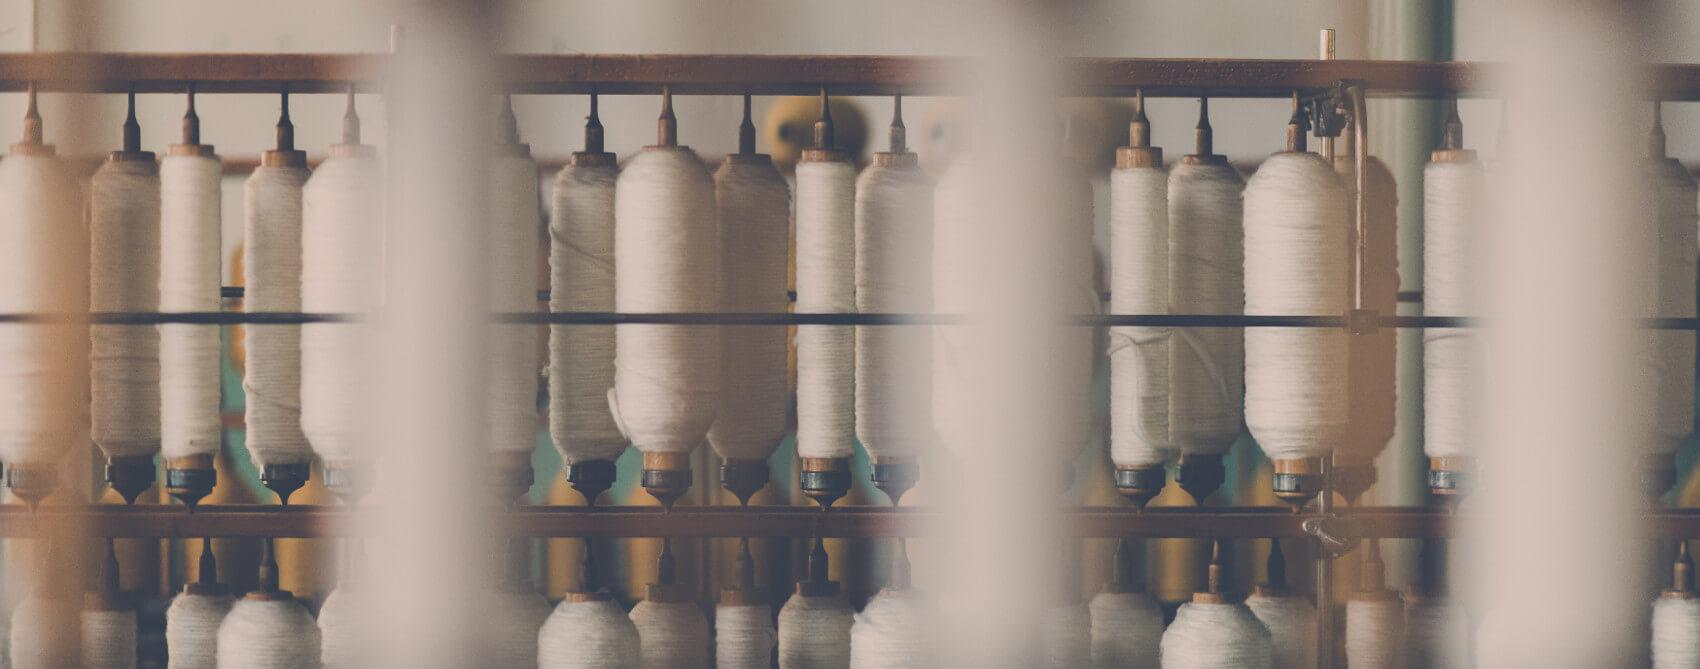 Foto aus der Textilproduktion von den Webmaschinen